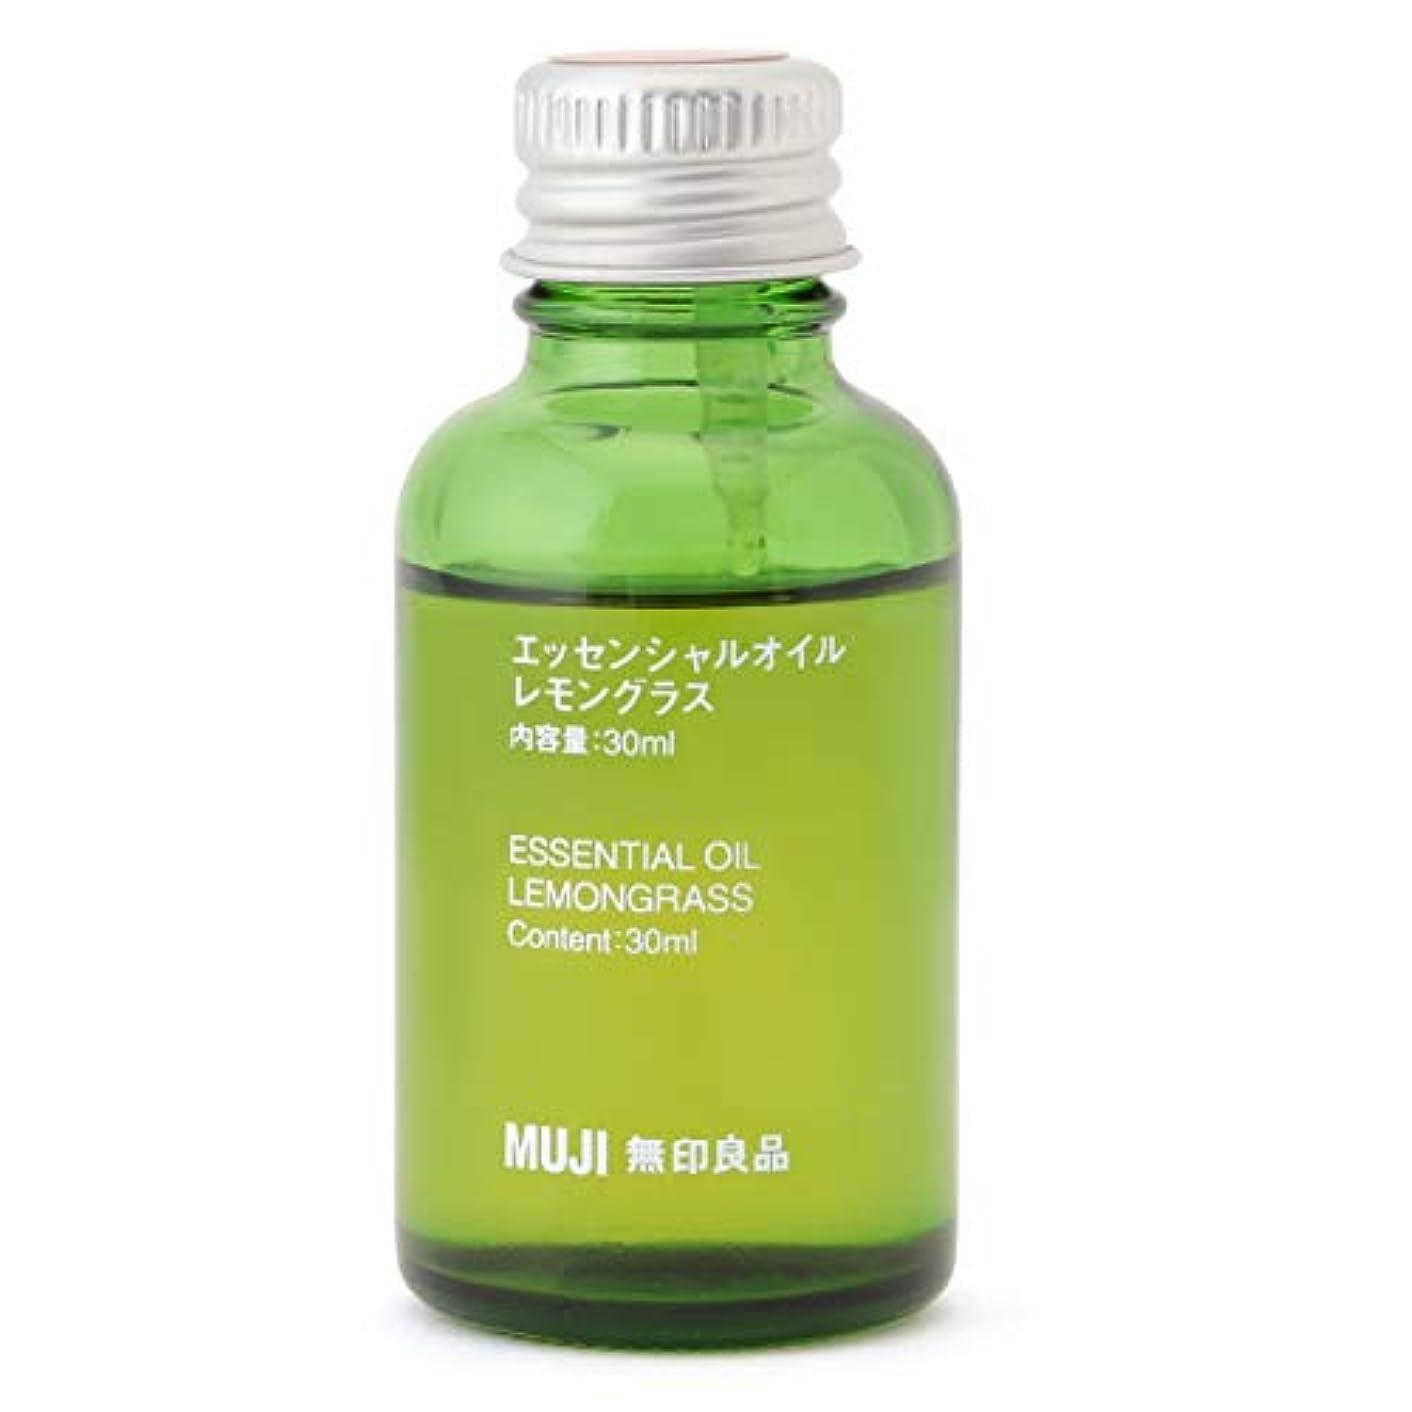 連邦覆す測る【無印良品】エッセンシャルオイル30ml(レモングラス)